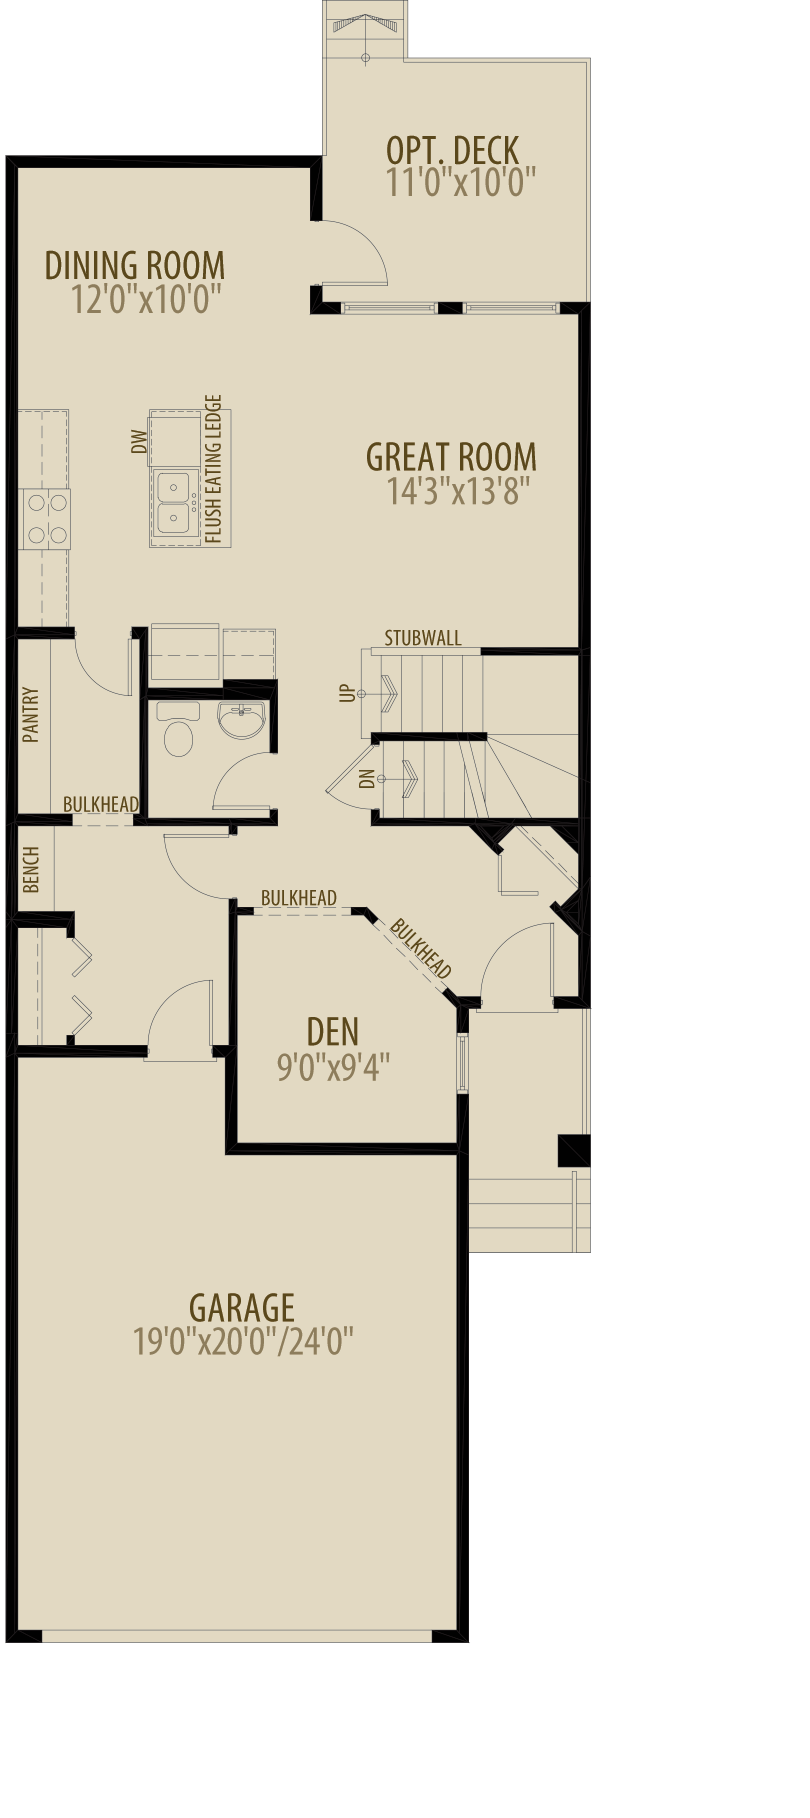 Option 5 Main Floor Den Adds 40 sq ft